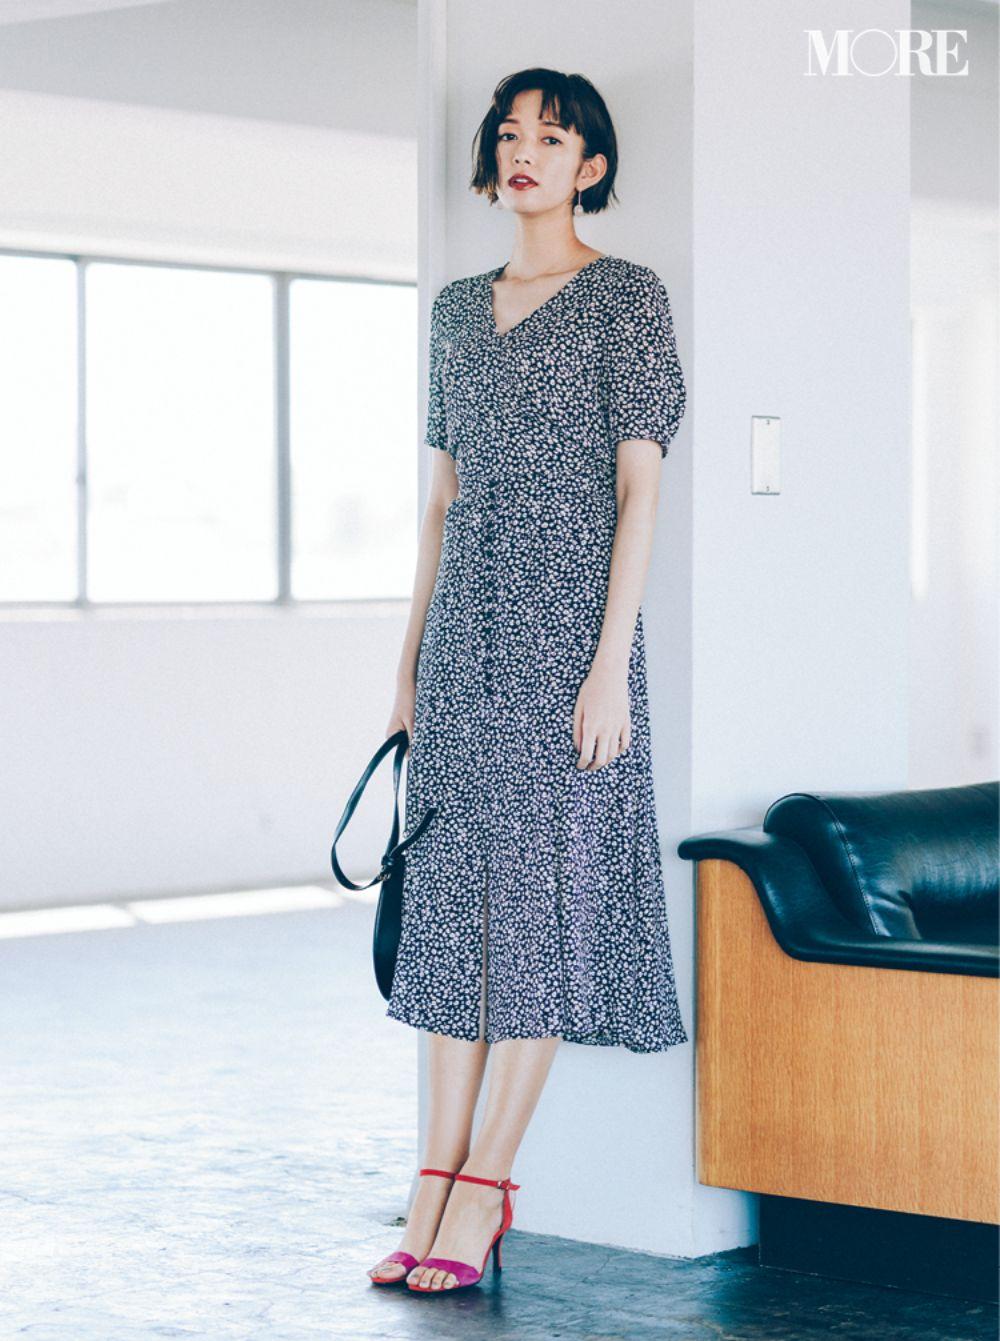 大人かわいいプチプラファッション特集《2019夏》 - 20代後半女子におすすめのきれいめコーデまとめ_25